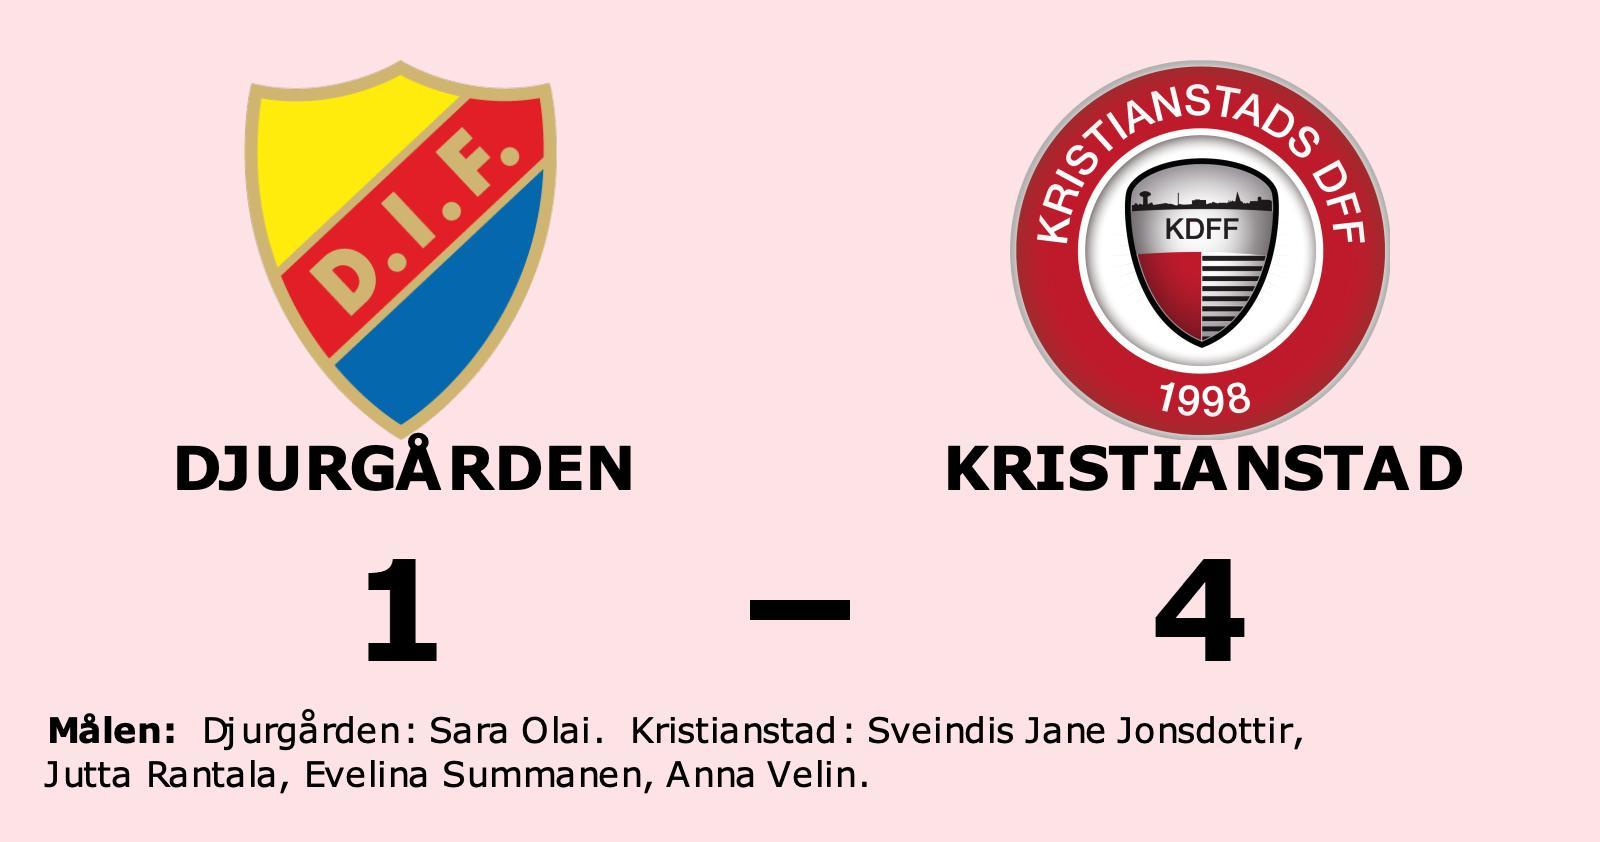 Sara Olai enda målskytt när Djurgården föll